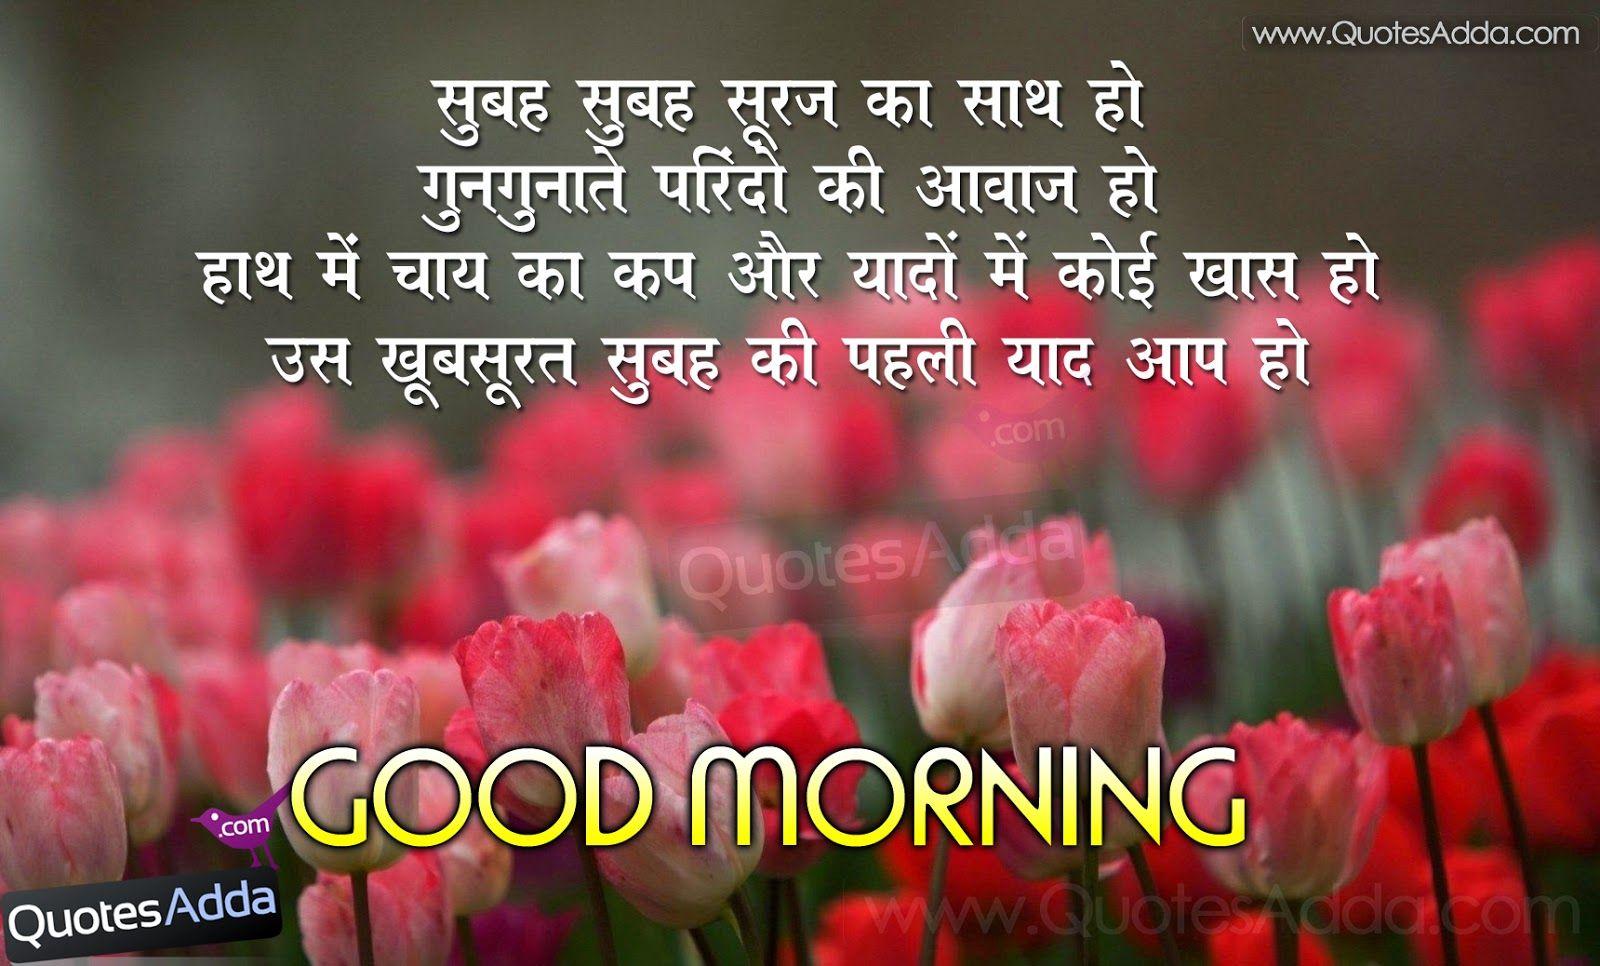 Good Morning New Shayari In Hindi Good Morning Quotes Good